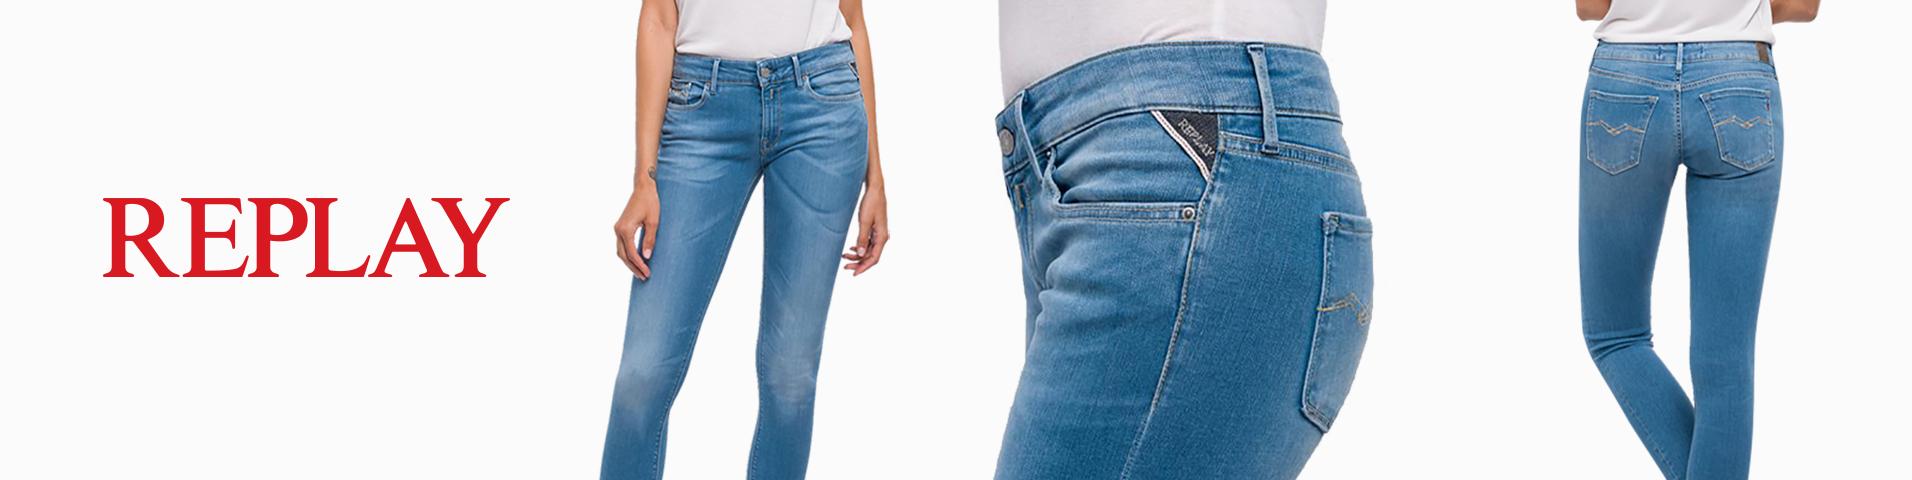 8beb78df099c Replay Jeans | Dam | Köp damjeans online på Zalando.se